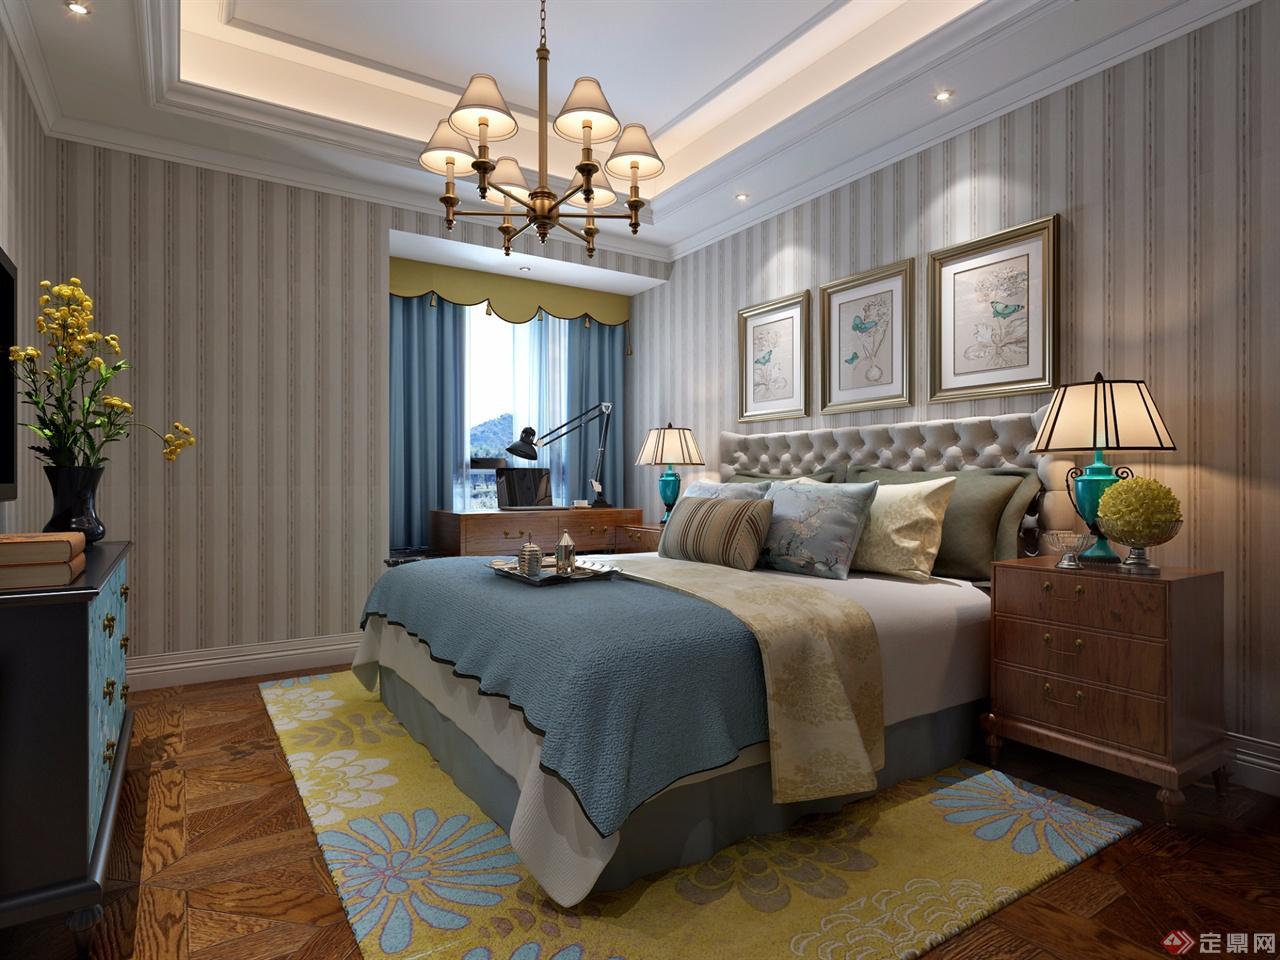 美式风格的样板房,格局客户需求,家具为柚木和白色为主,采用硬包,墙纸图片